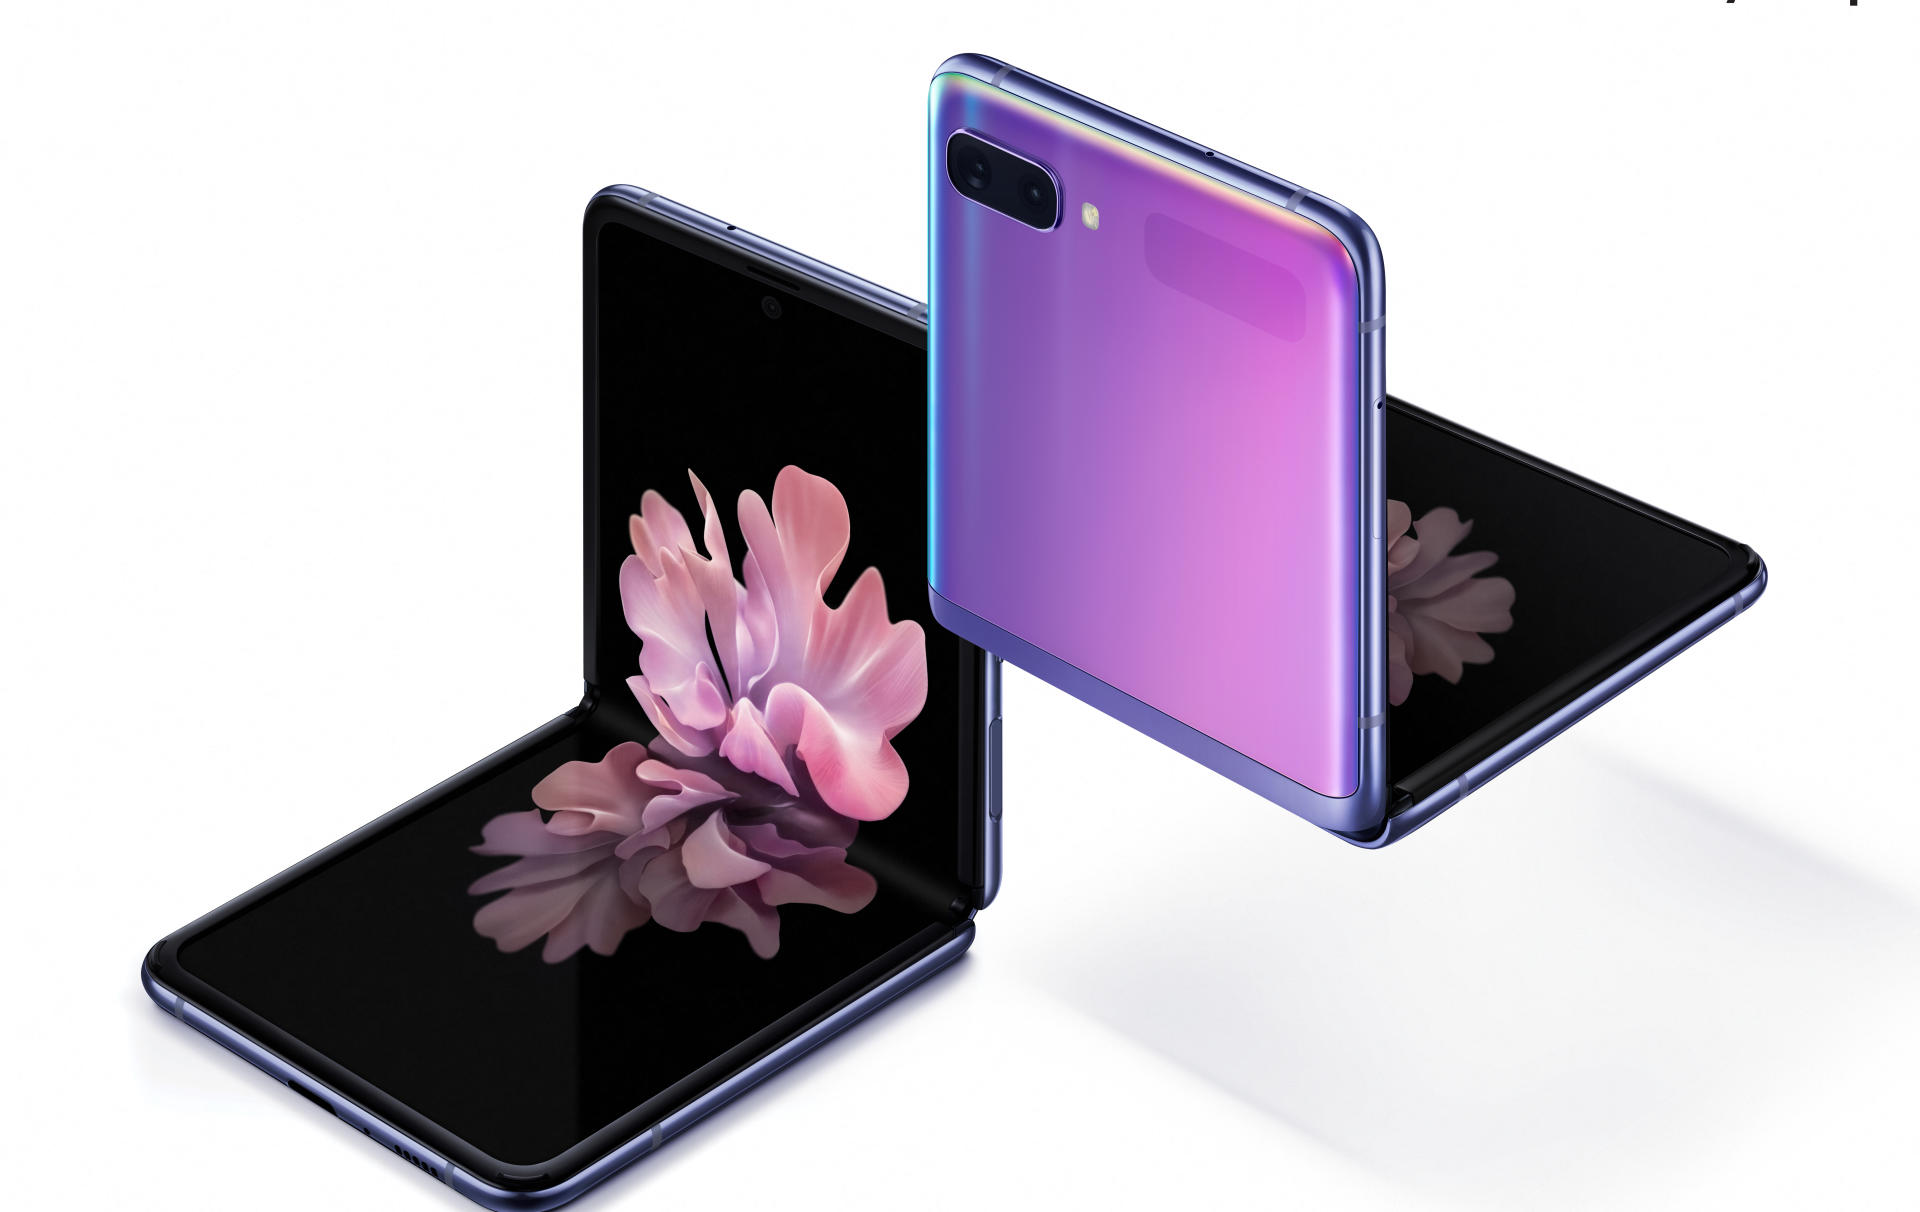 Le Z Flip De Samsung Etrange Telephone Pliable Le Temps